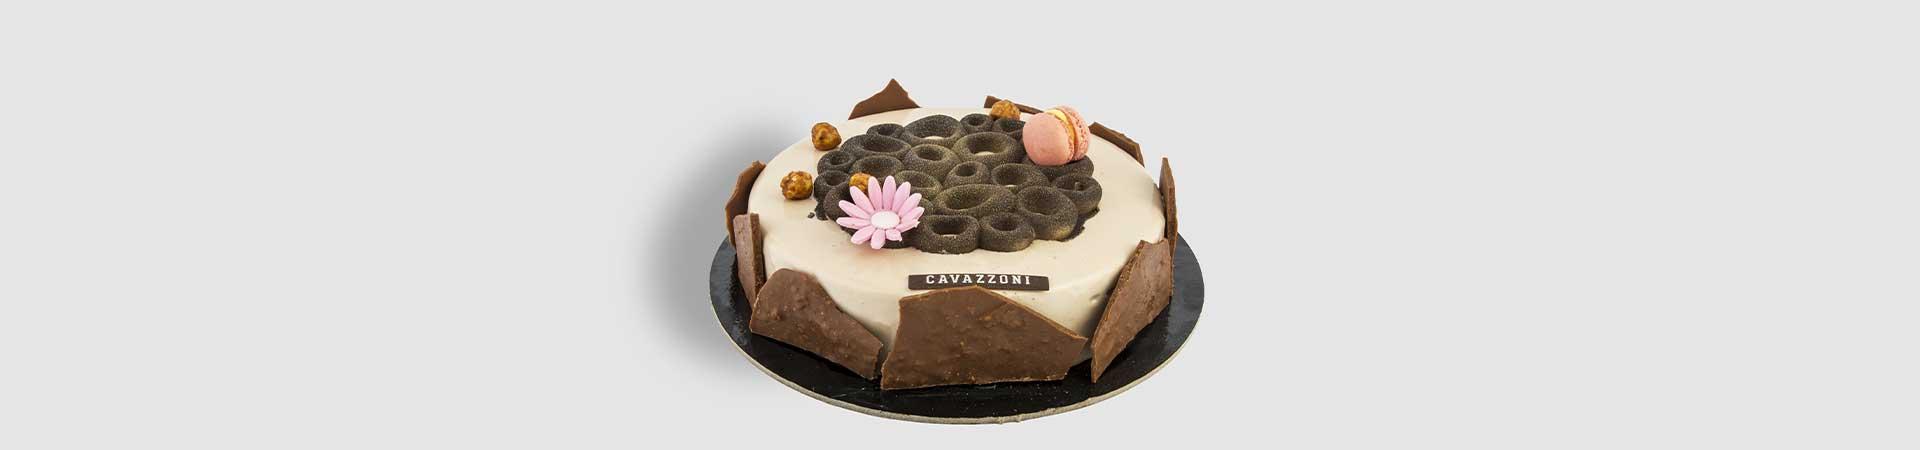 Torta Noisette - Pasticceria Cavazzoni Fano